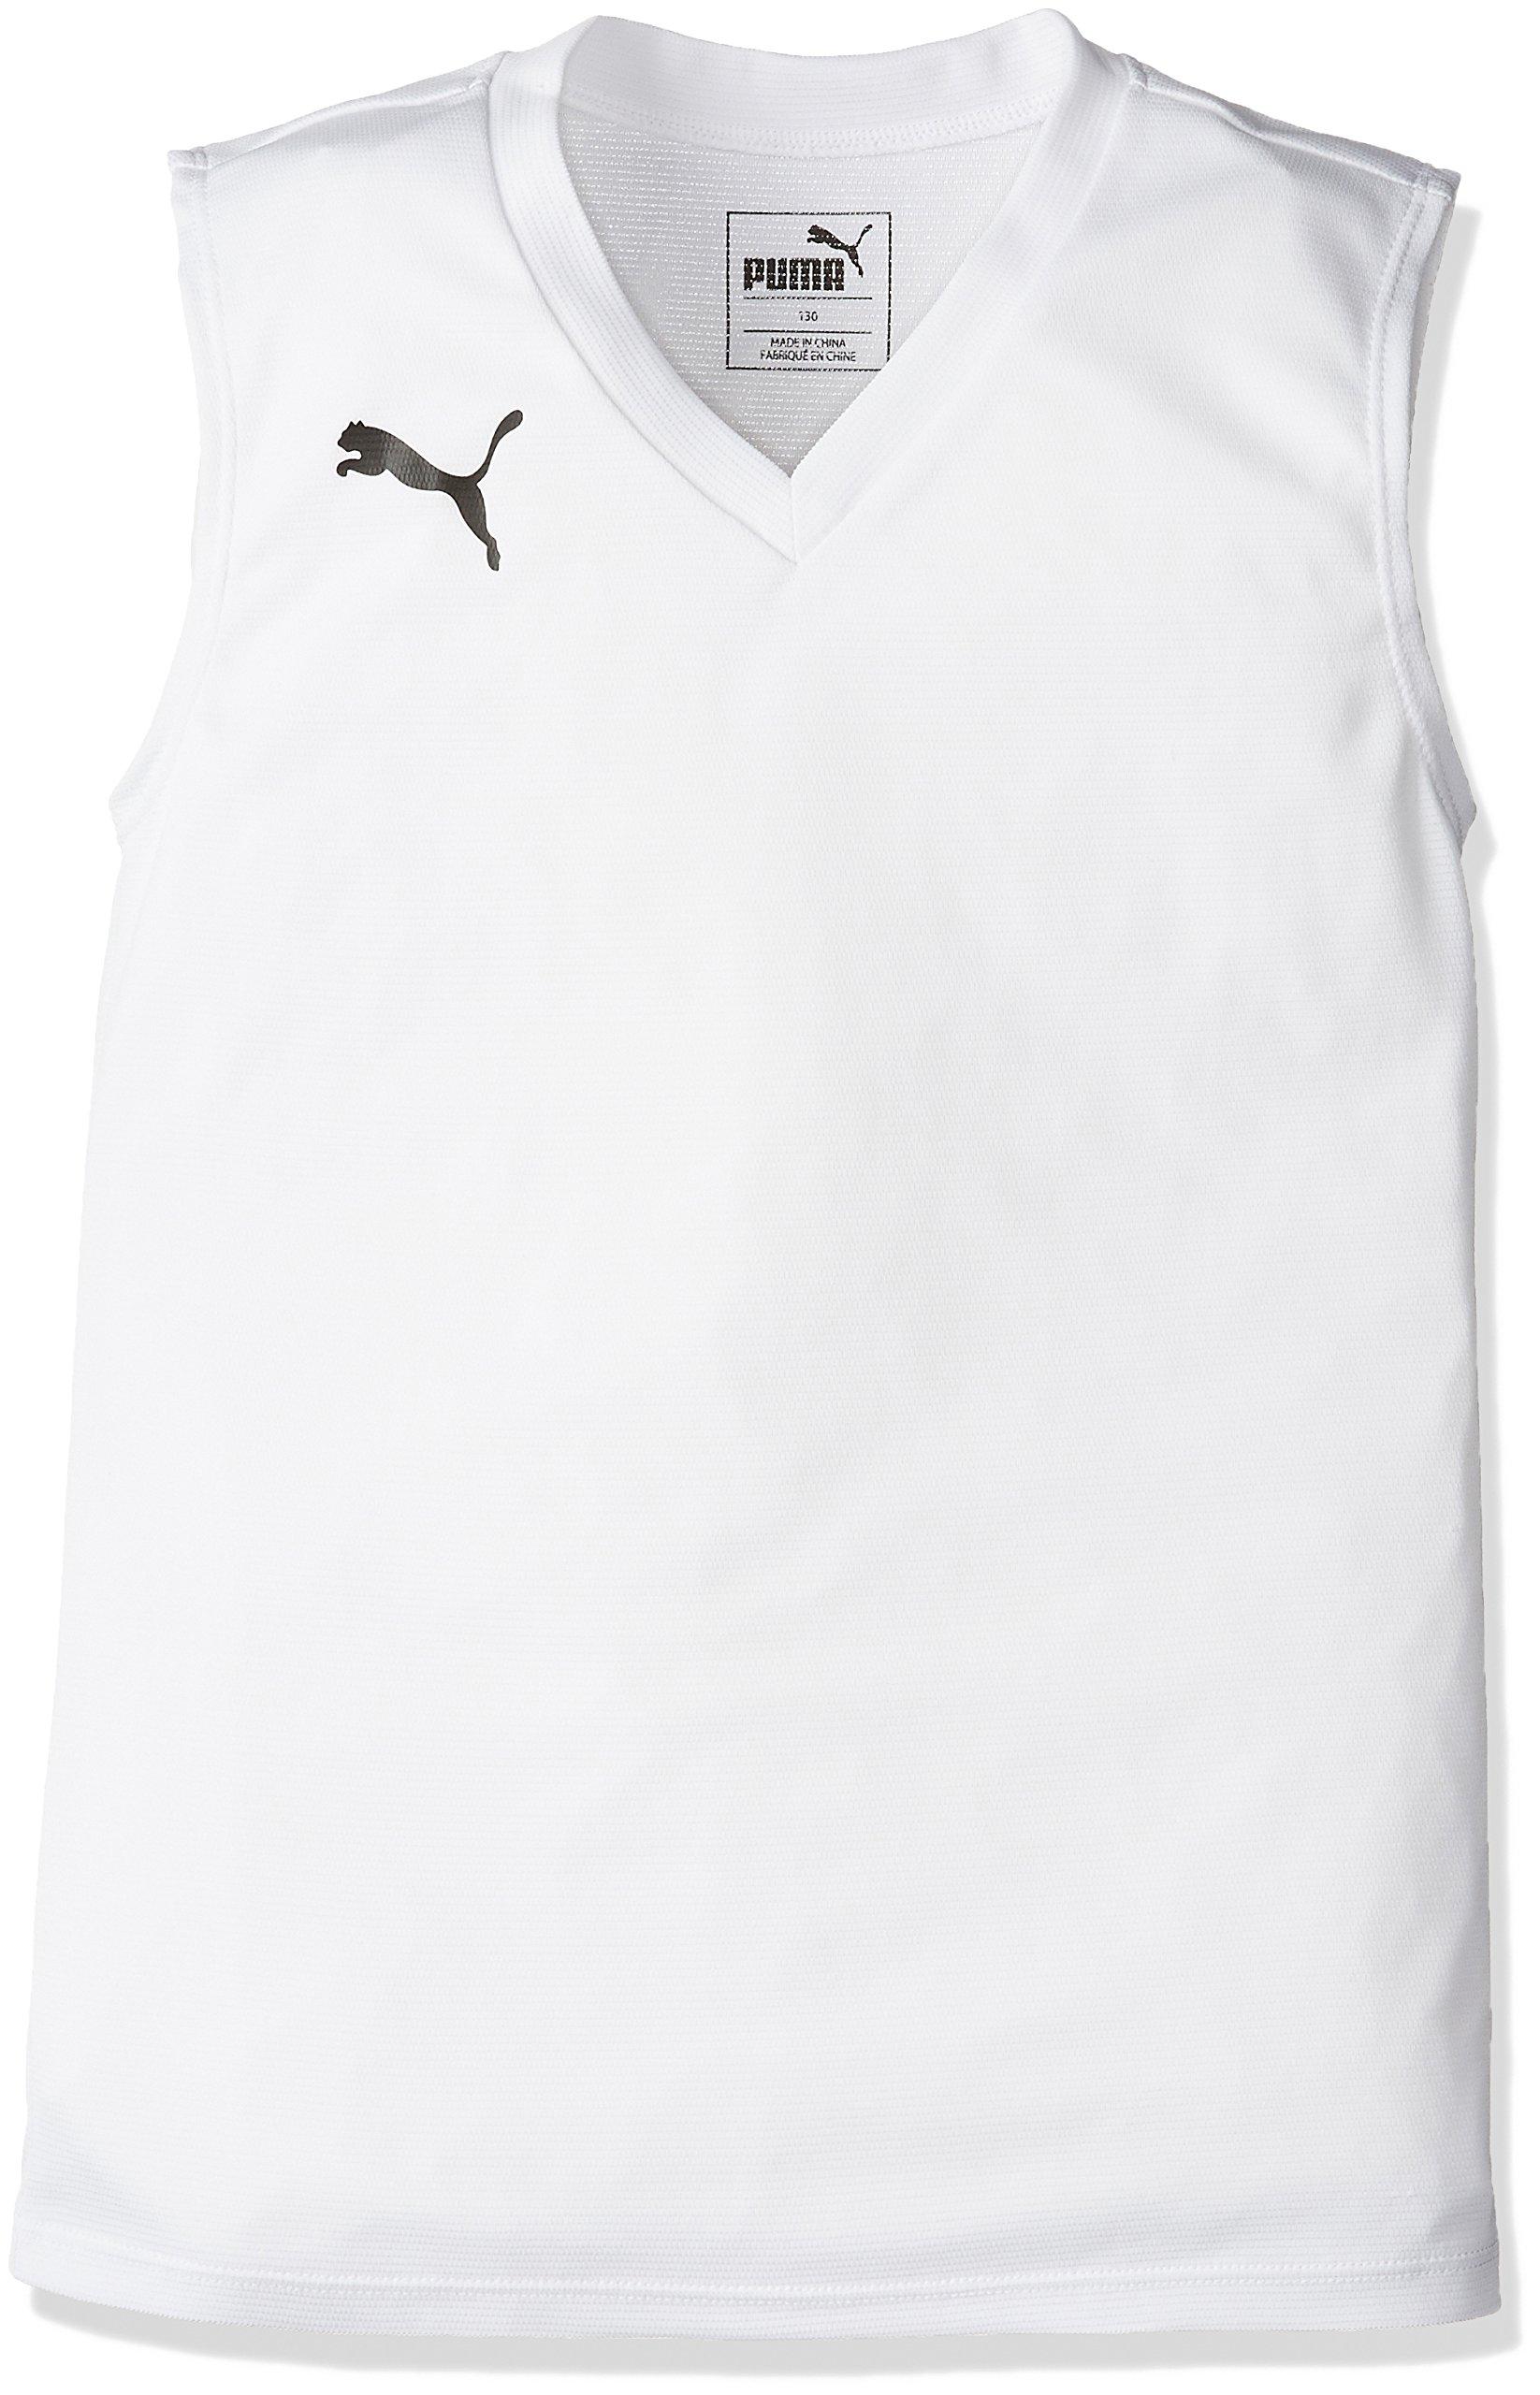 プーマ サッカー ジュニア長袖インナーシャツ ジュニアSLインナーシャツ 65527802 ボーイズ プーマ ホワイト